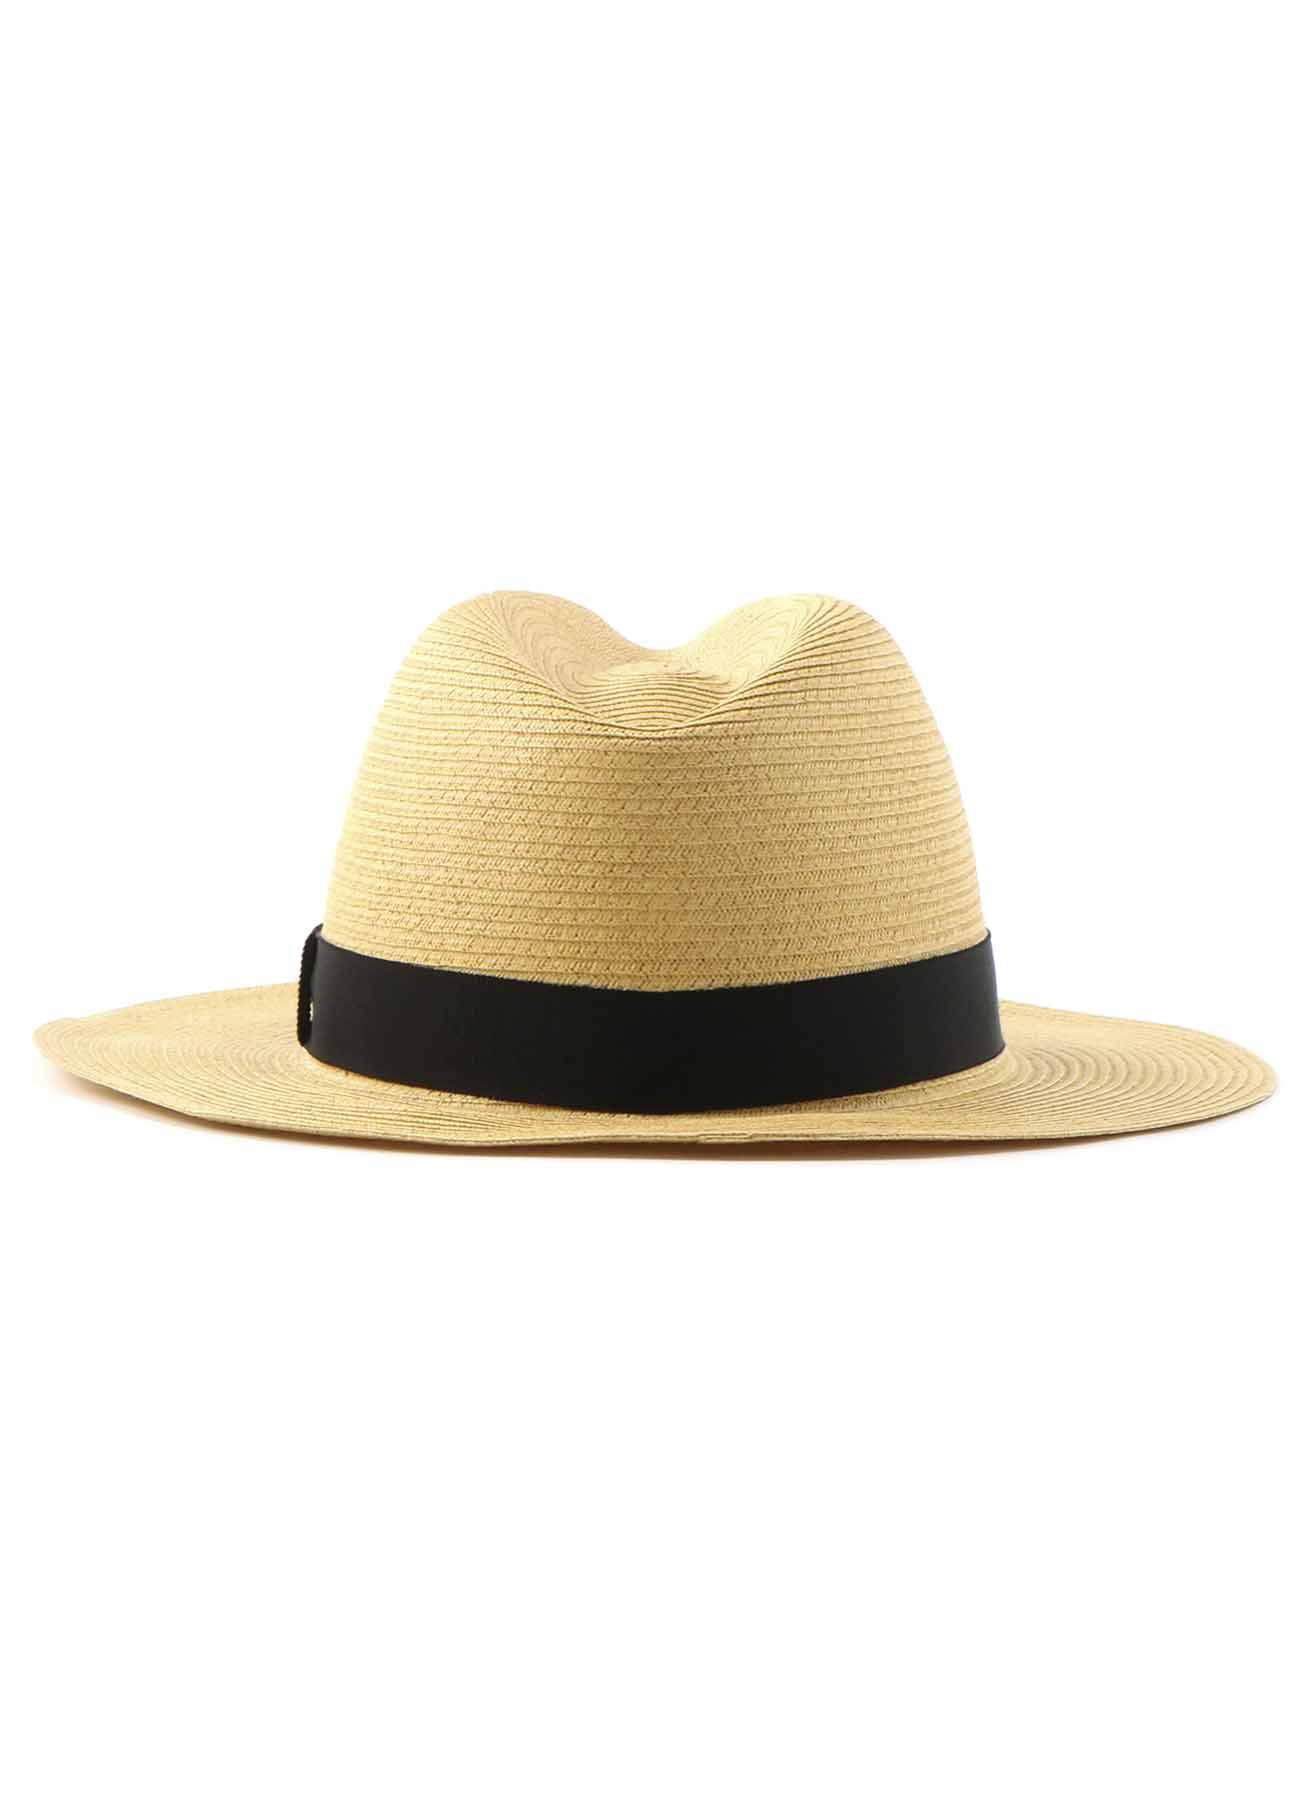 Straw Paper Brim Hat